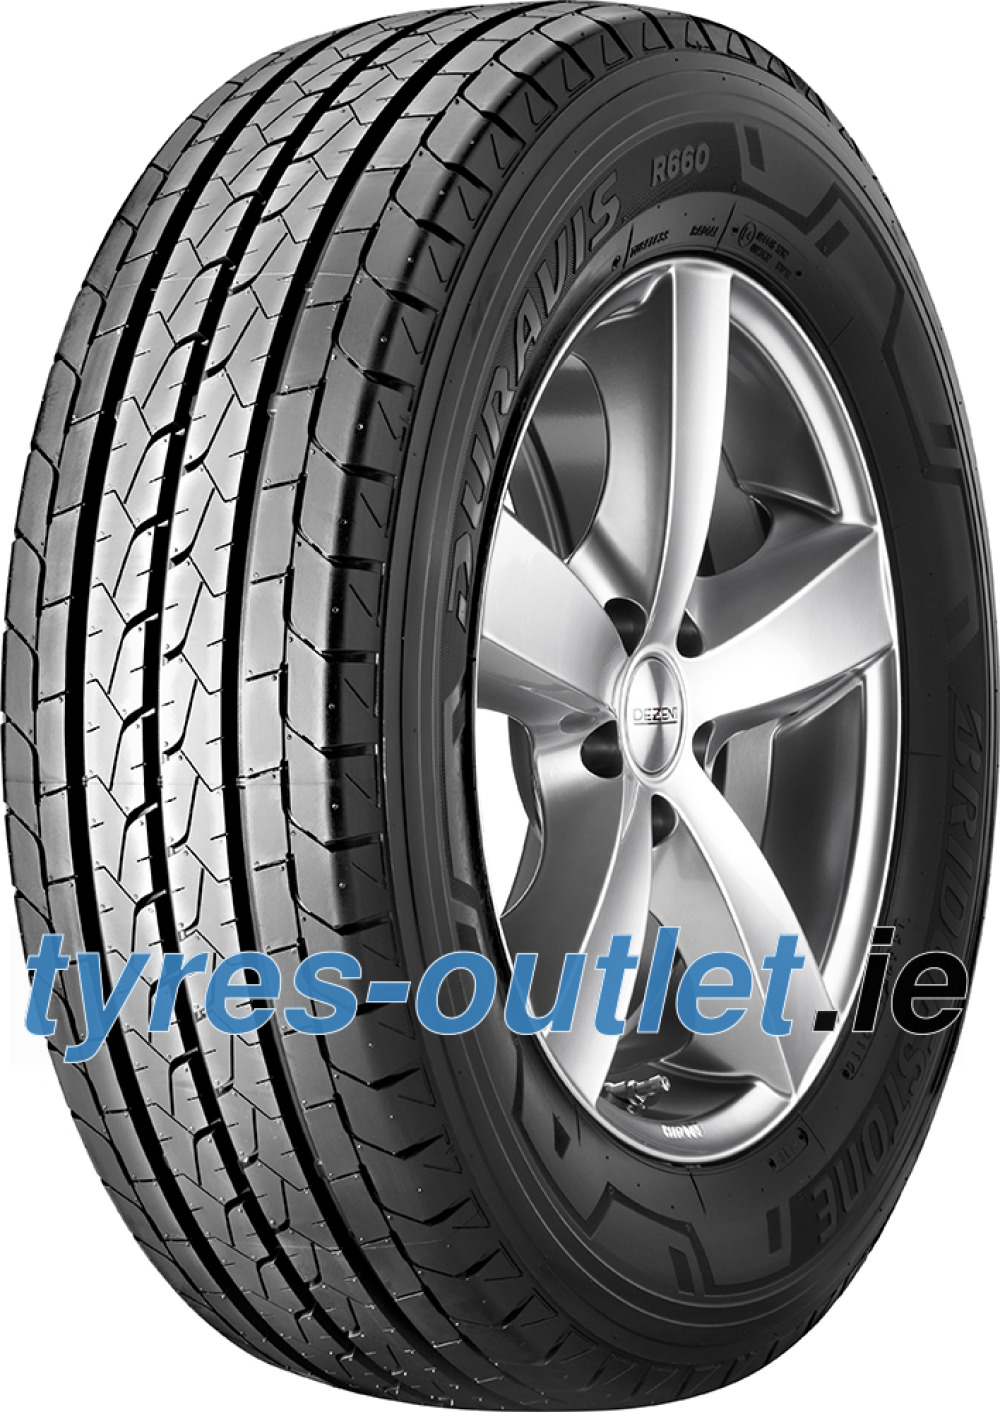 Bridgestone Duravis R660 ( 205/65 R15C 102/100T 6PR )